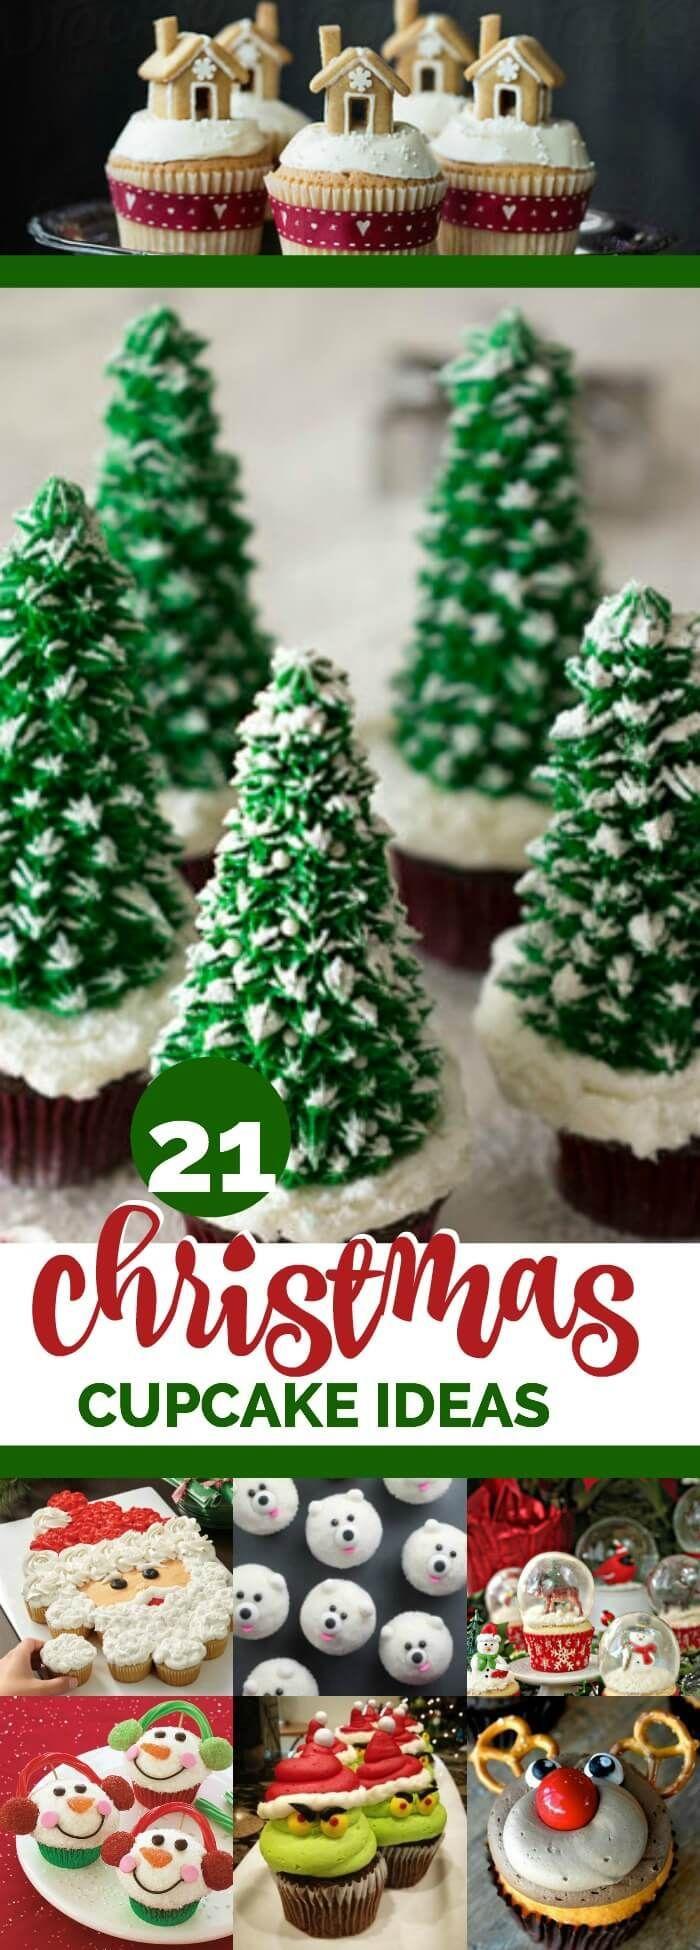 21 Creative Christmas Cupcake Ideas, Delicious and Adorable, Pin Now ...